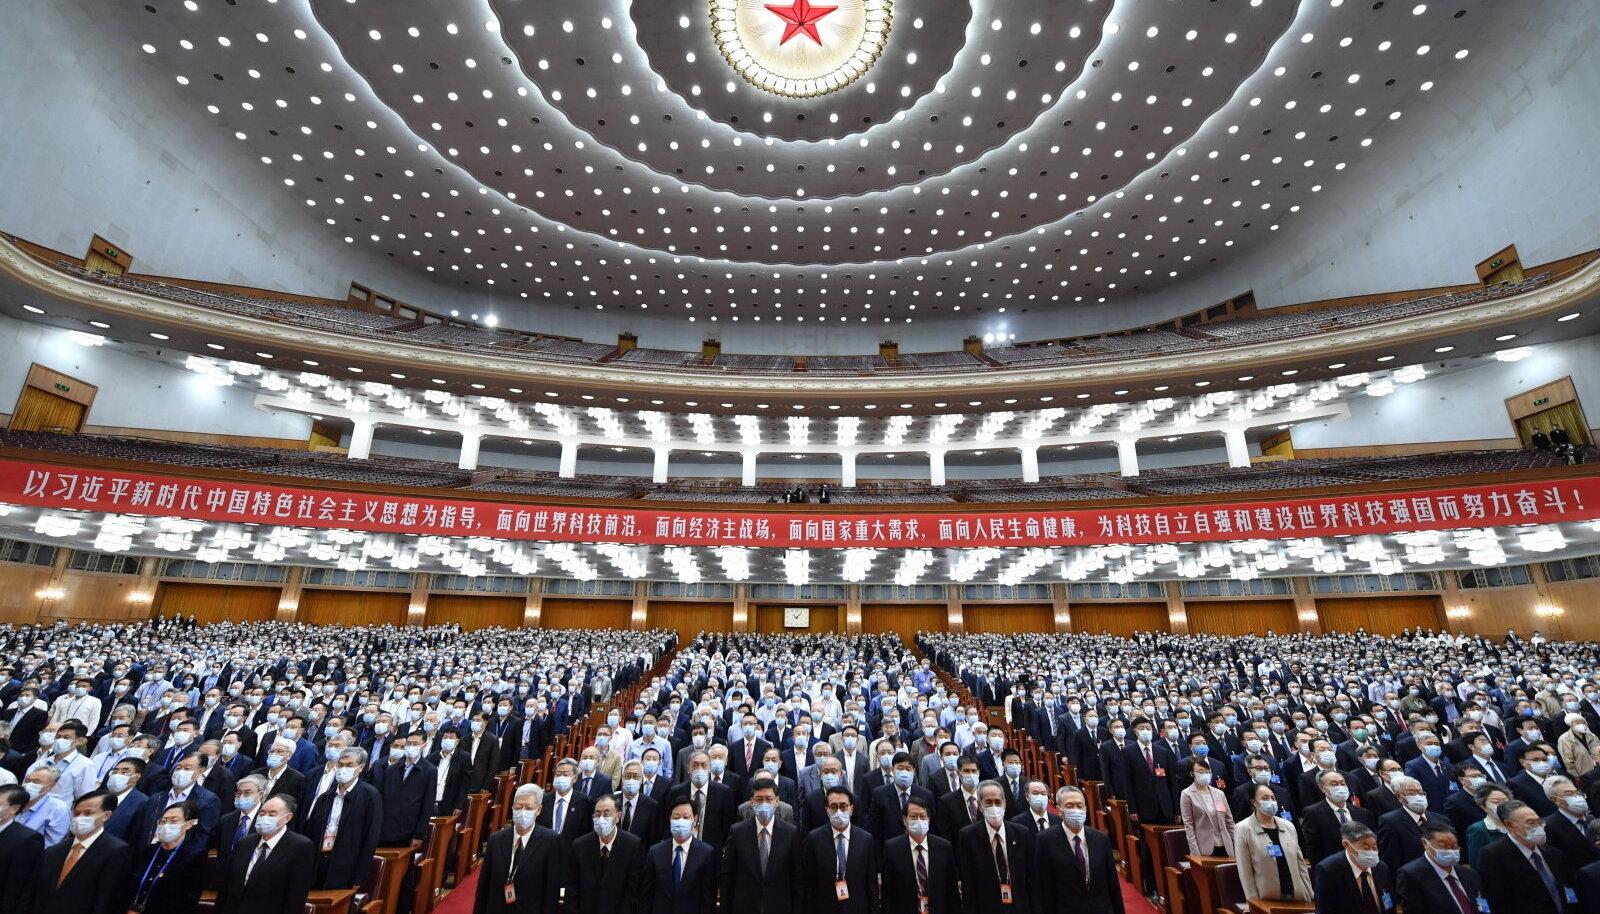 Hiina teaduste akadeemia ning Hiina teaduse ja tehnoloogia assotsiatsiooni üldkoosolek.